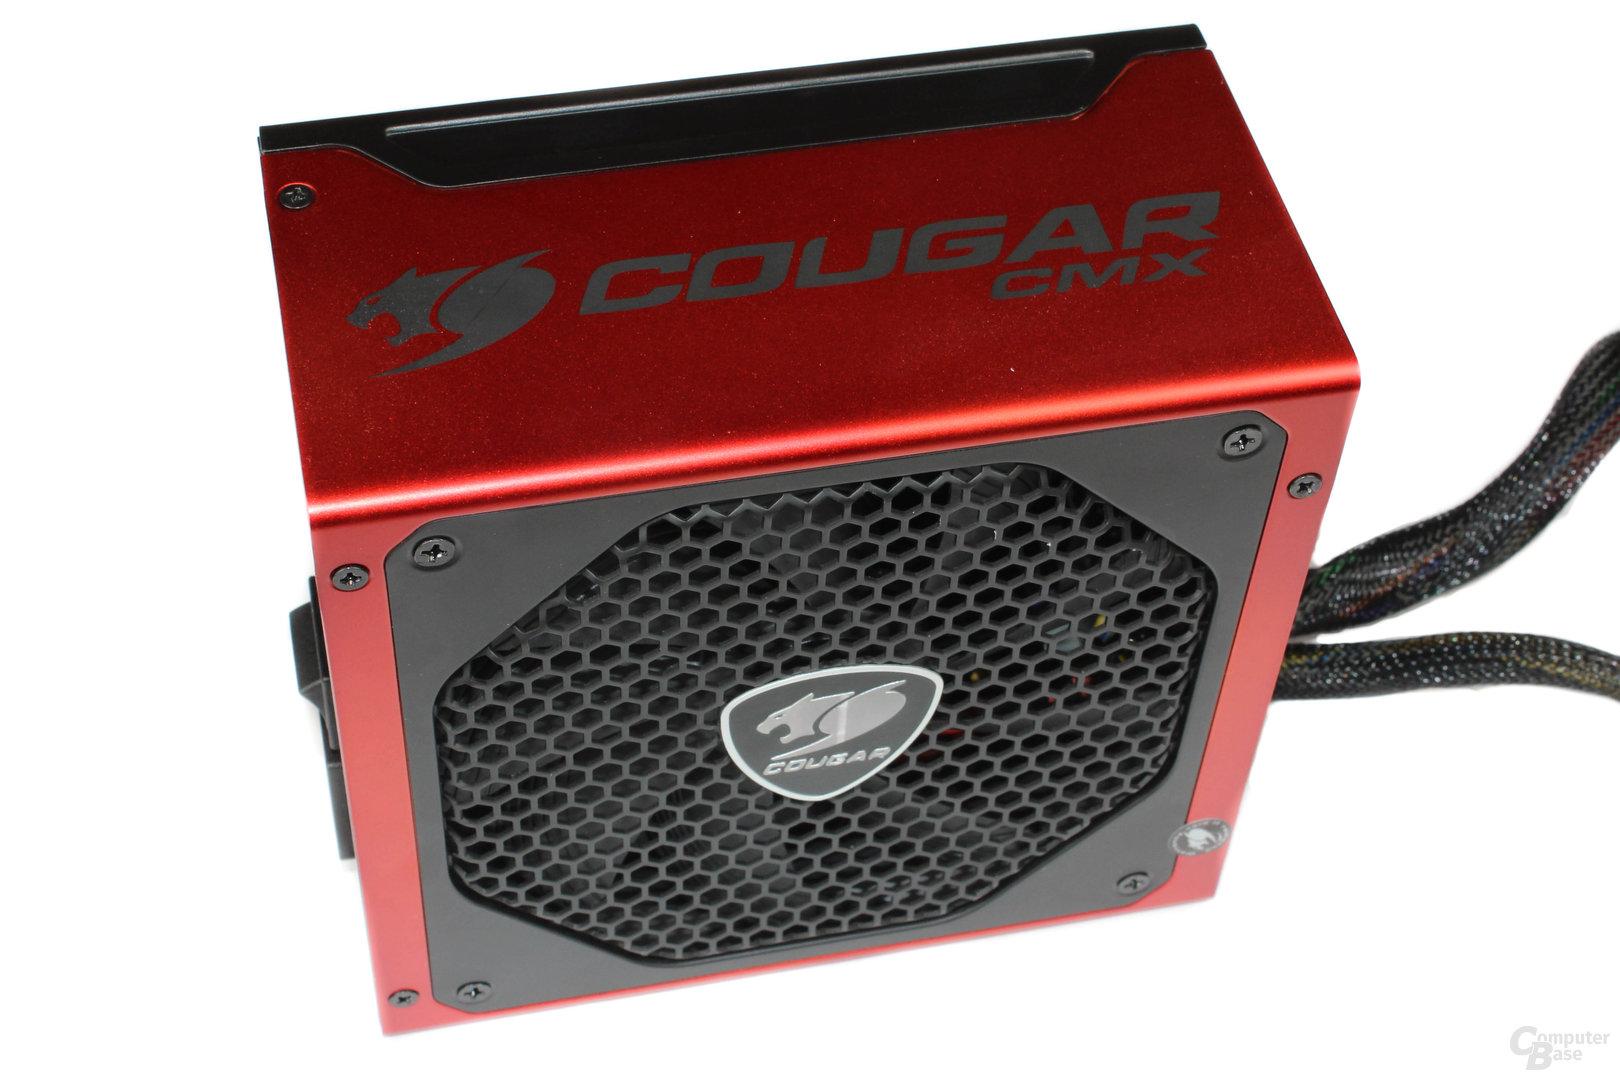 Cougar CMX 550 v2